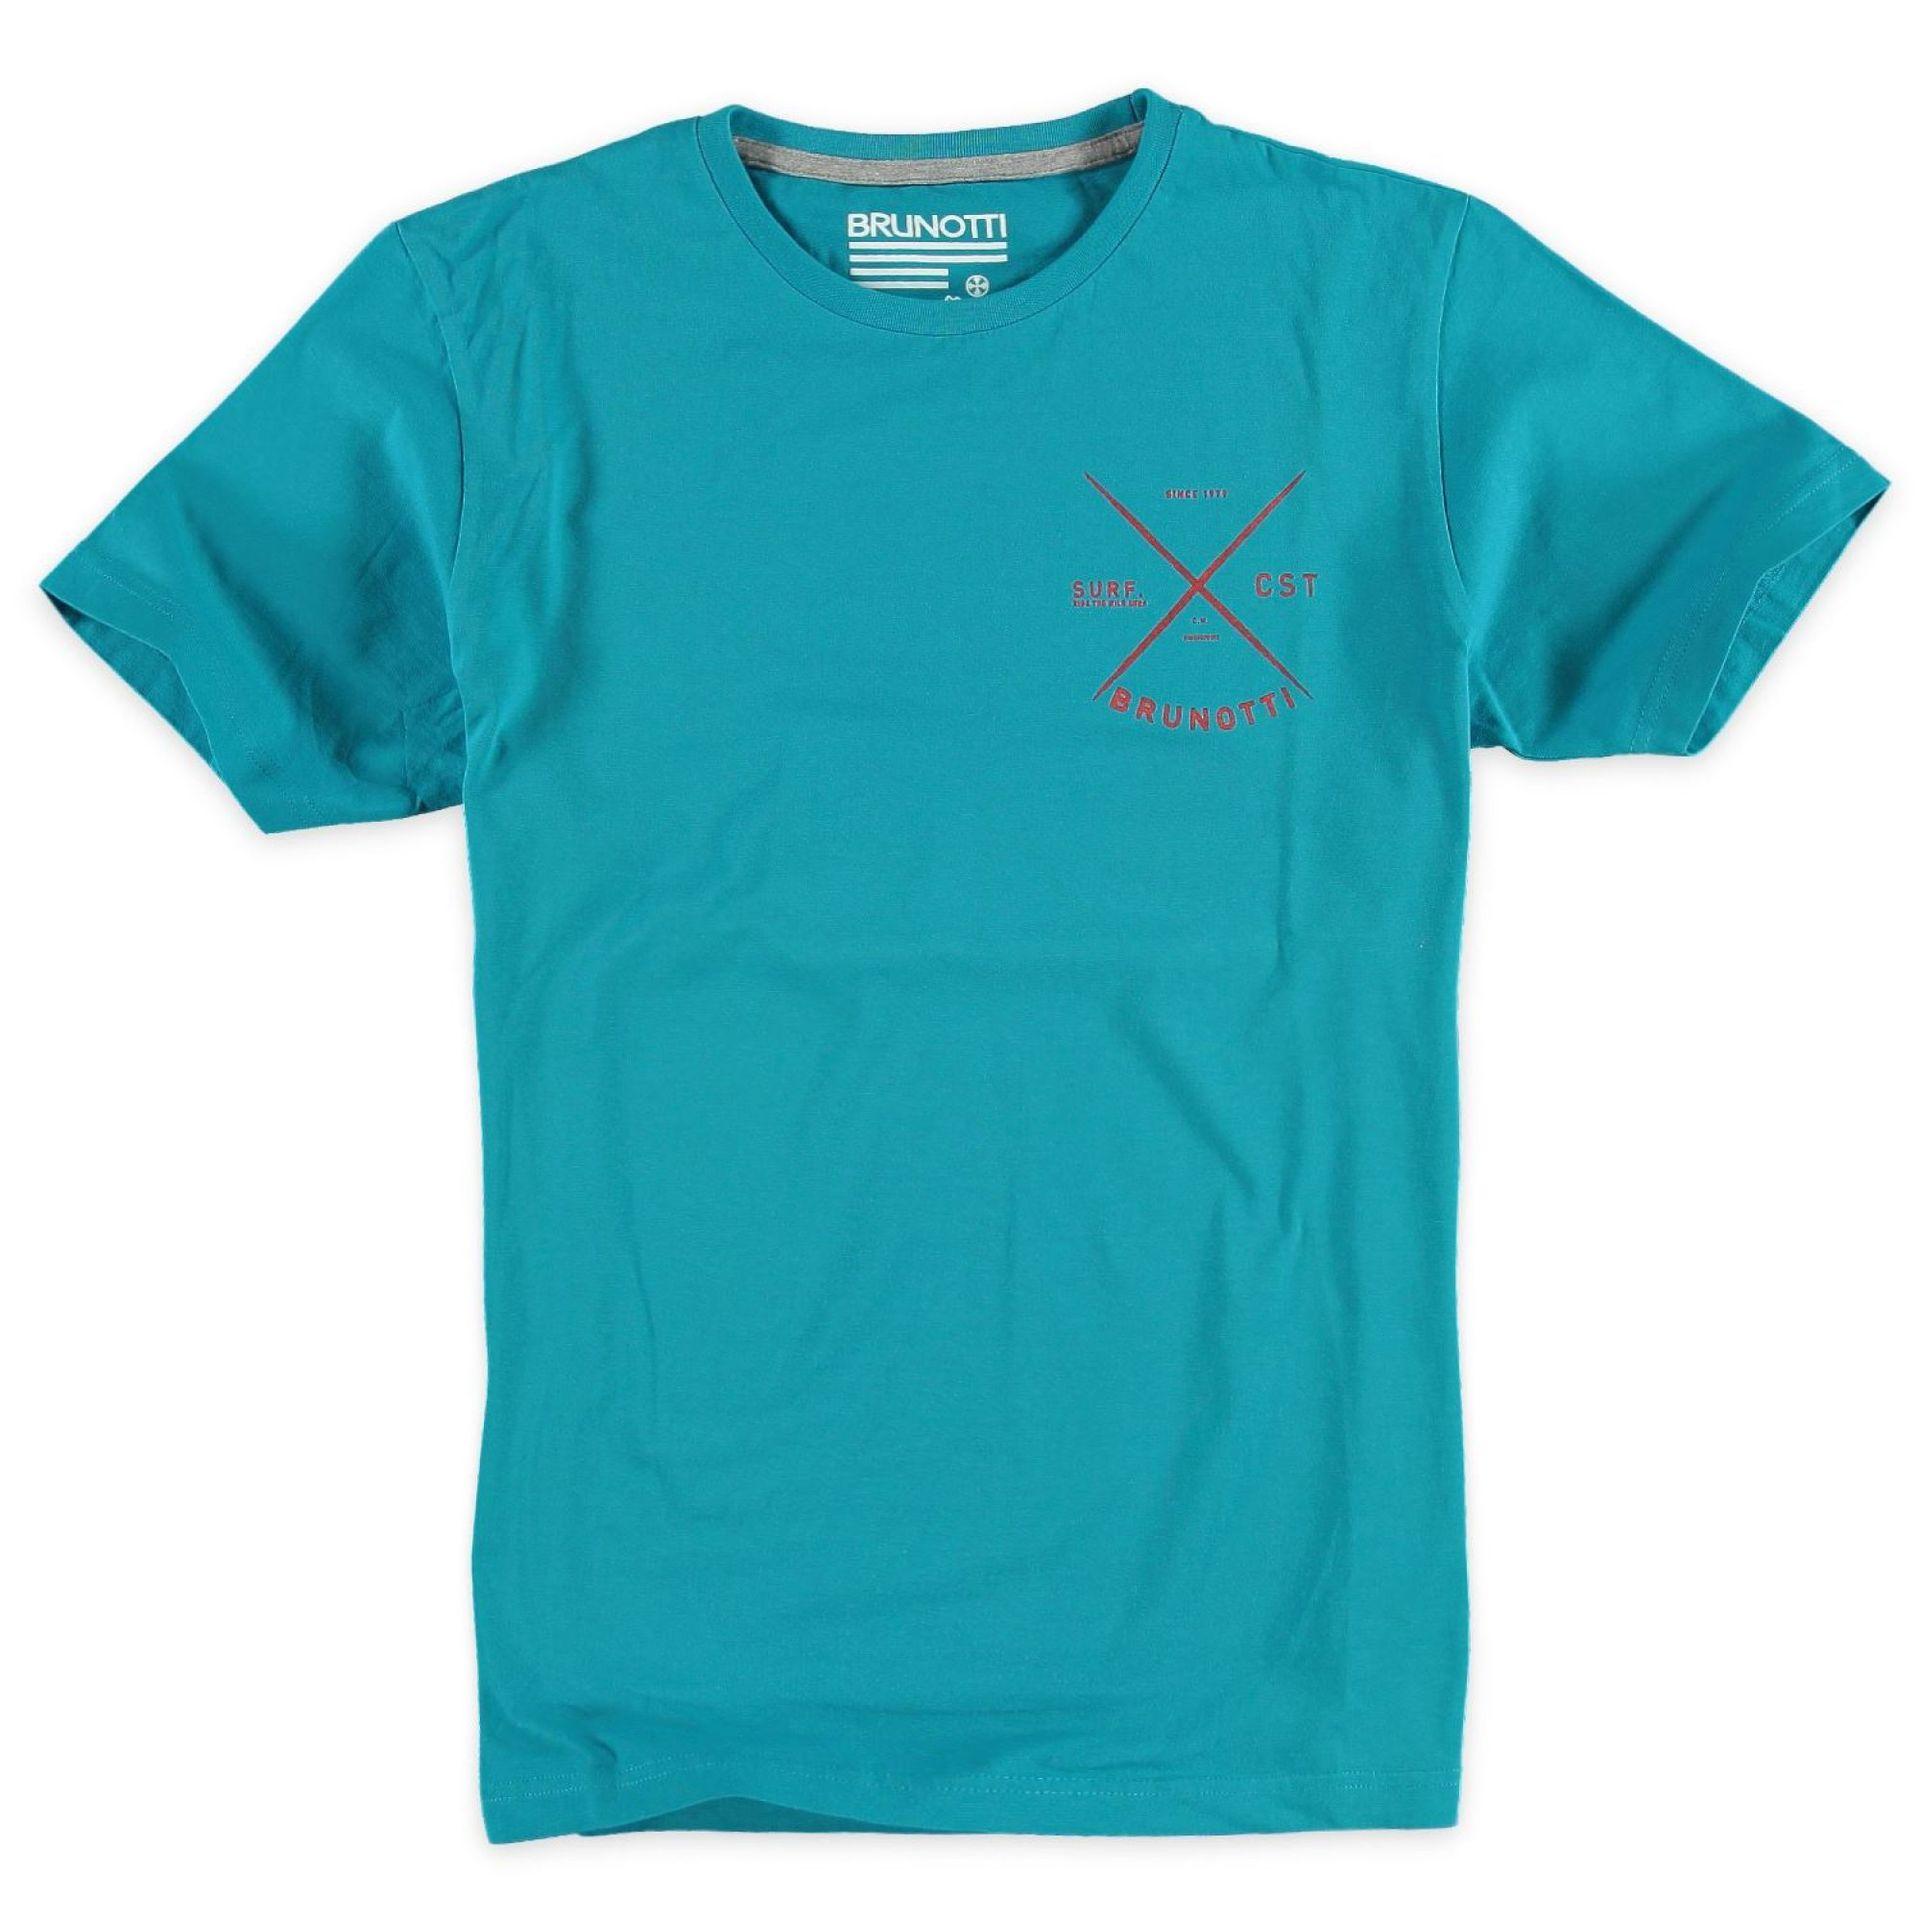 T-shirt Brunotti Altaro P-6026 Niebieski Przód